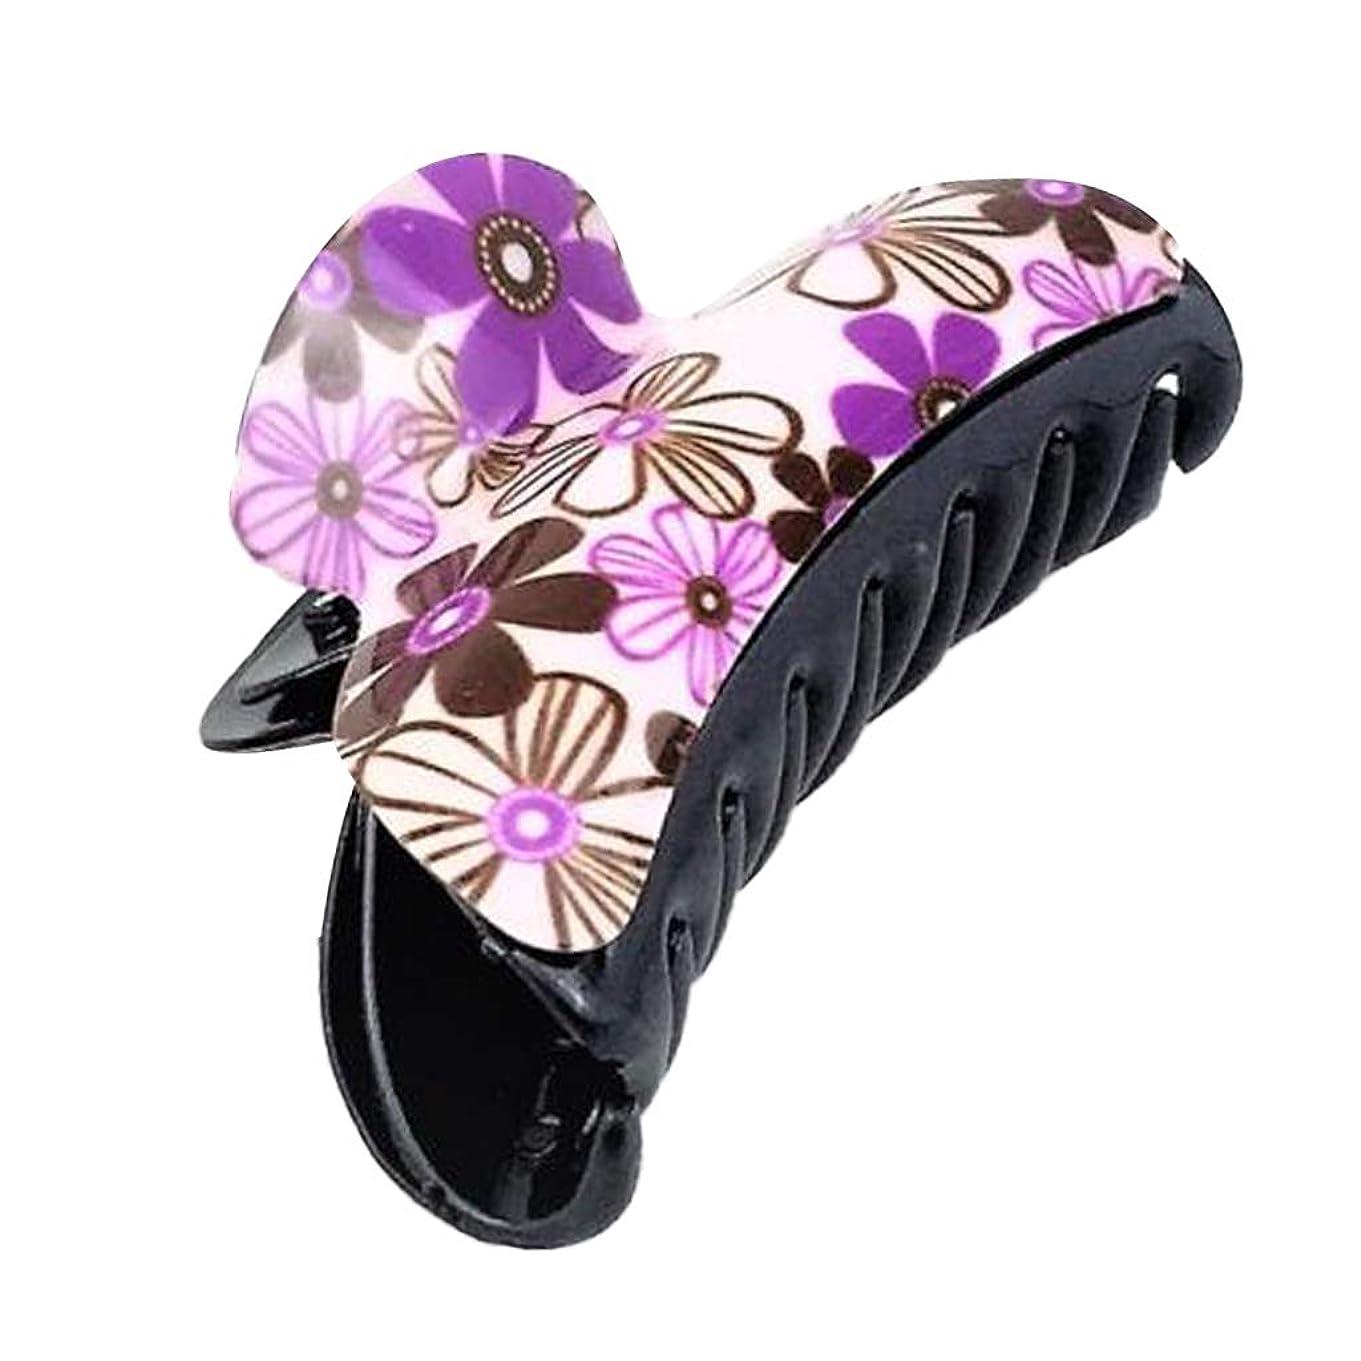 追加する特異な用心D DOLITY ヘアバレッタ クリップ 花柄 レディース ヘアアレンジ 髪飾り ヘアアクセサリー 紫